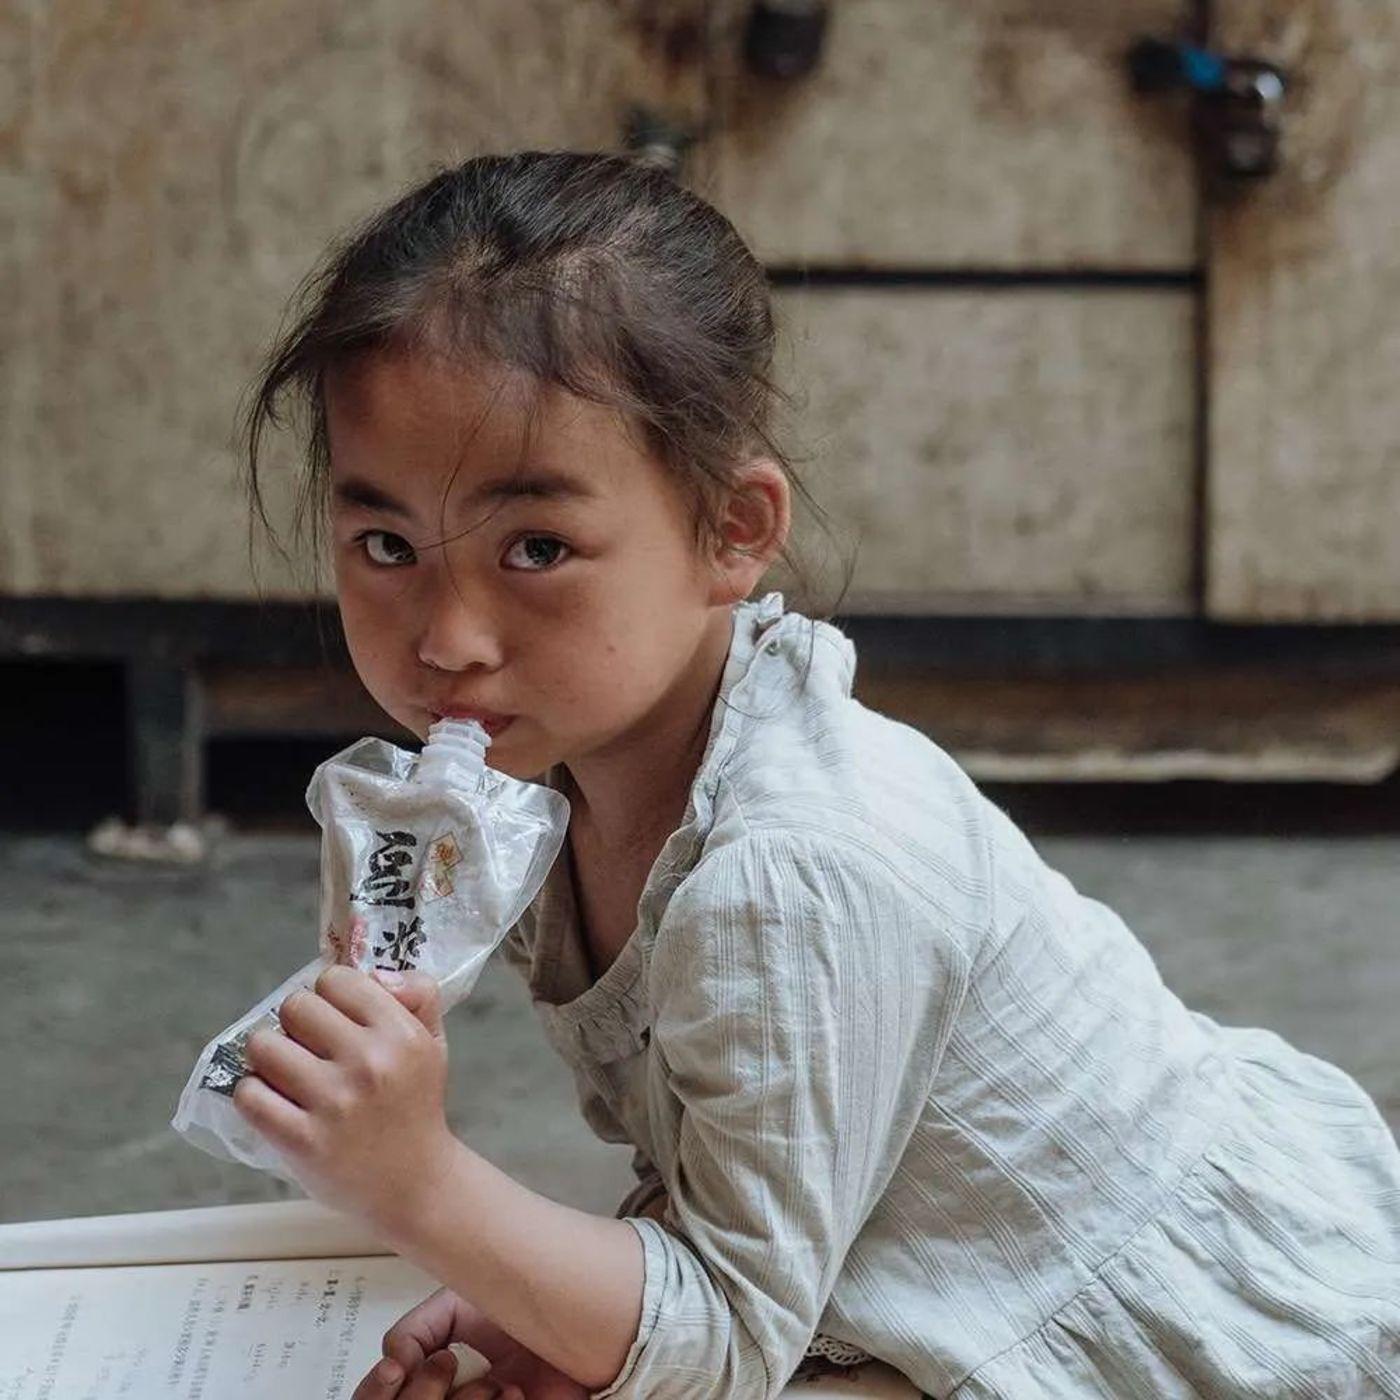 看书的个旧小姑娘,图片来源:沈少雄 摄